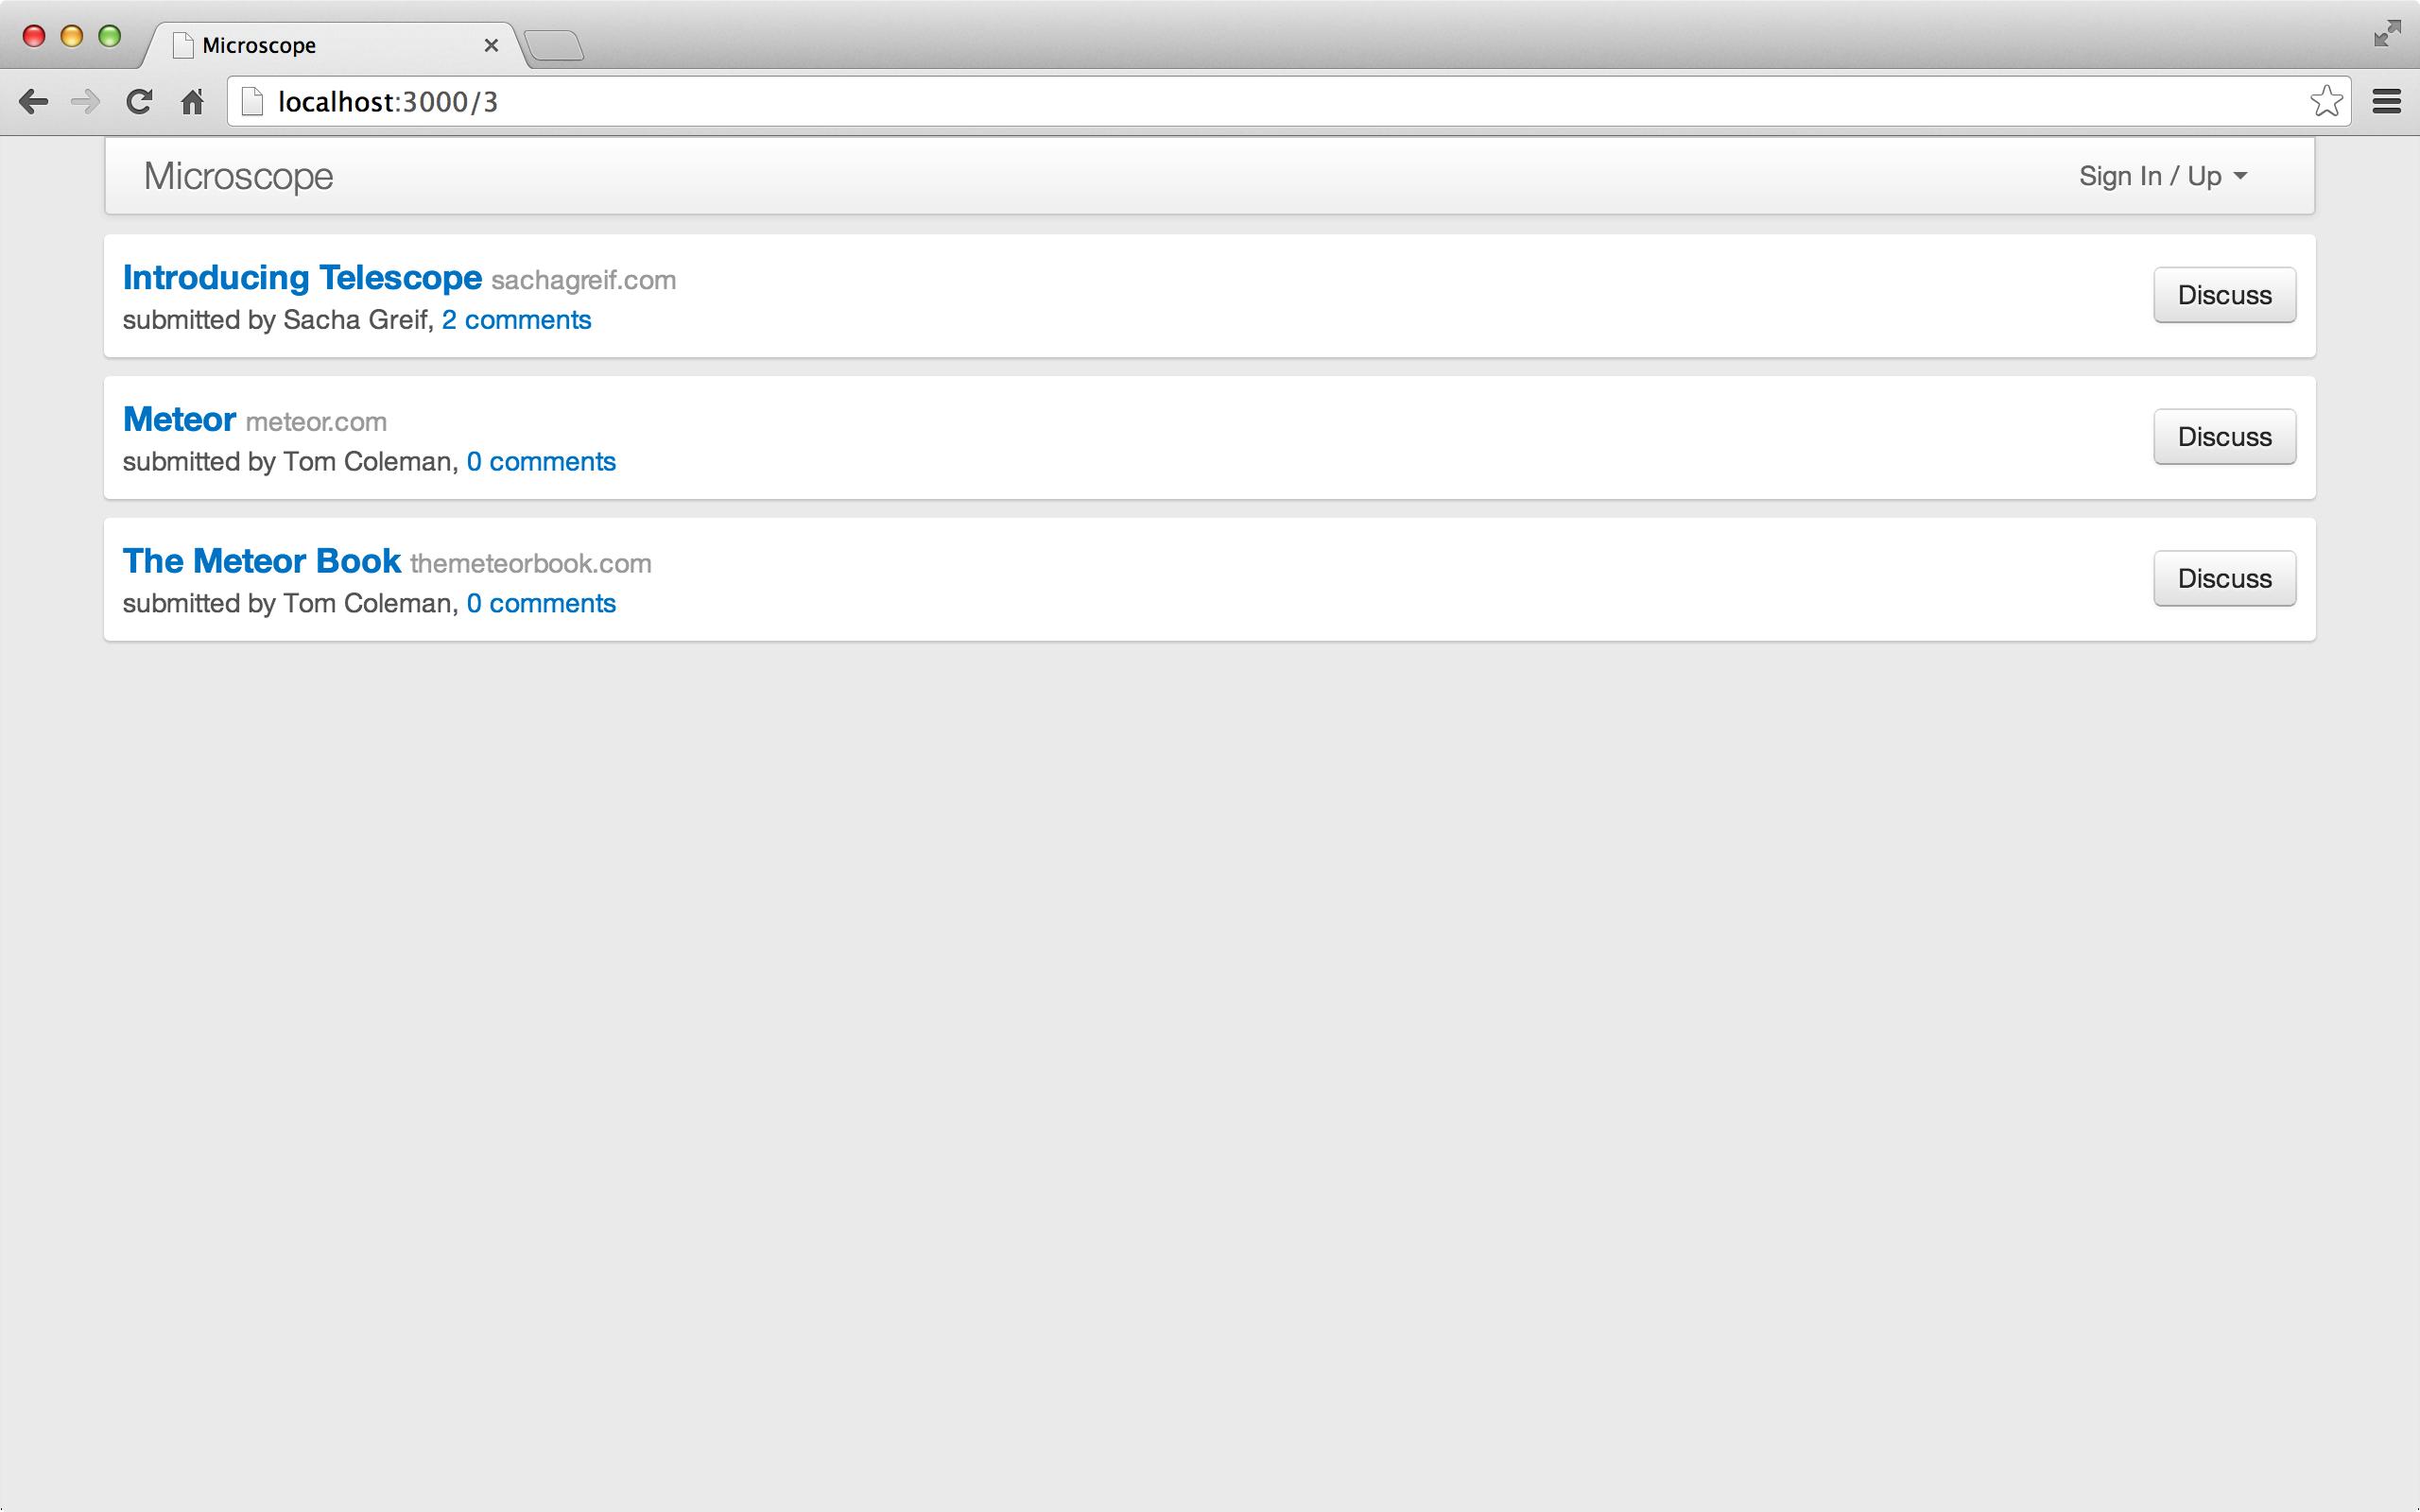 控制首页显示帖子的数量。